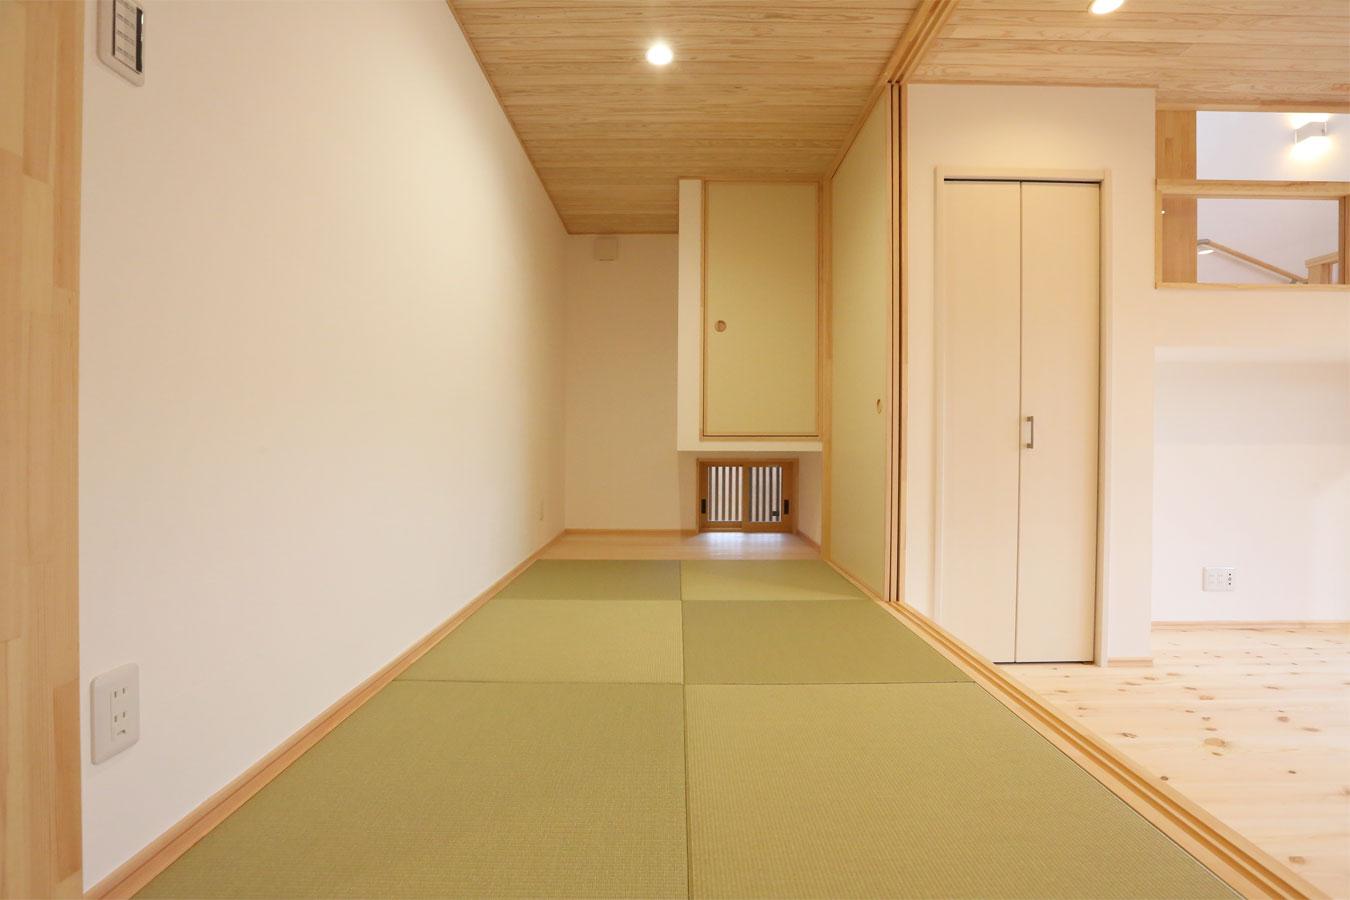 リビングと繋がる琉球畳の和室